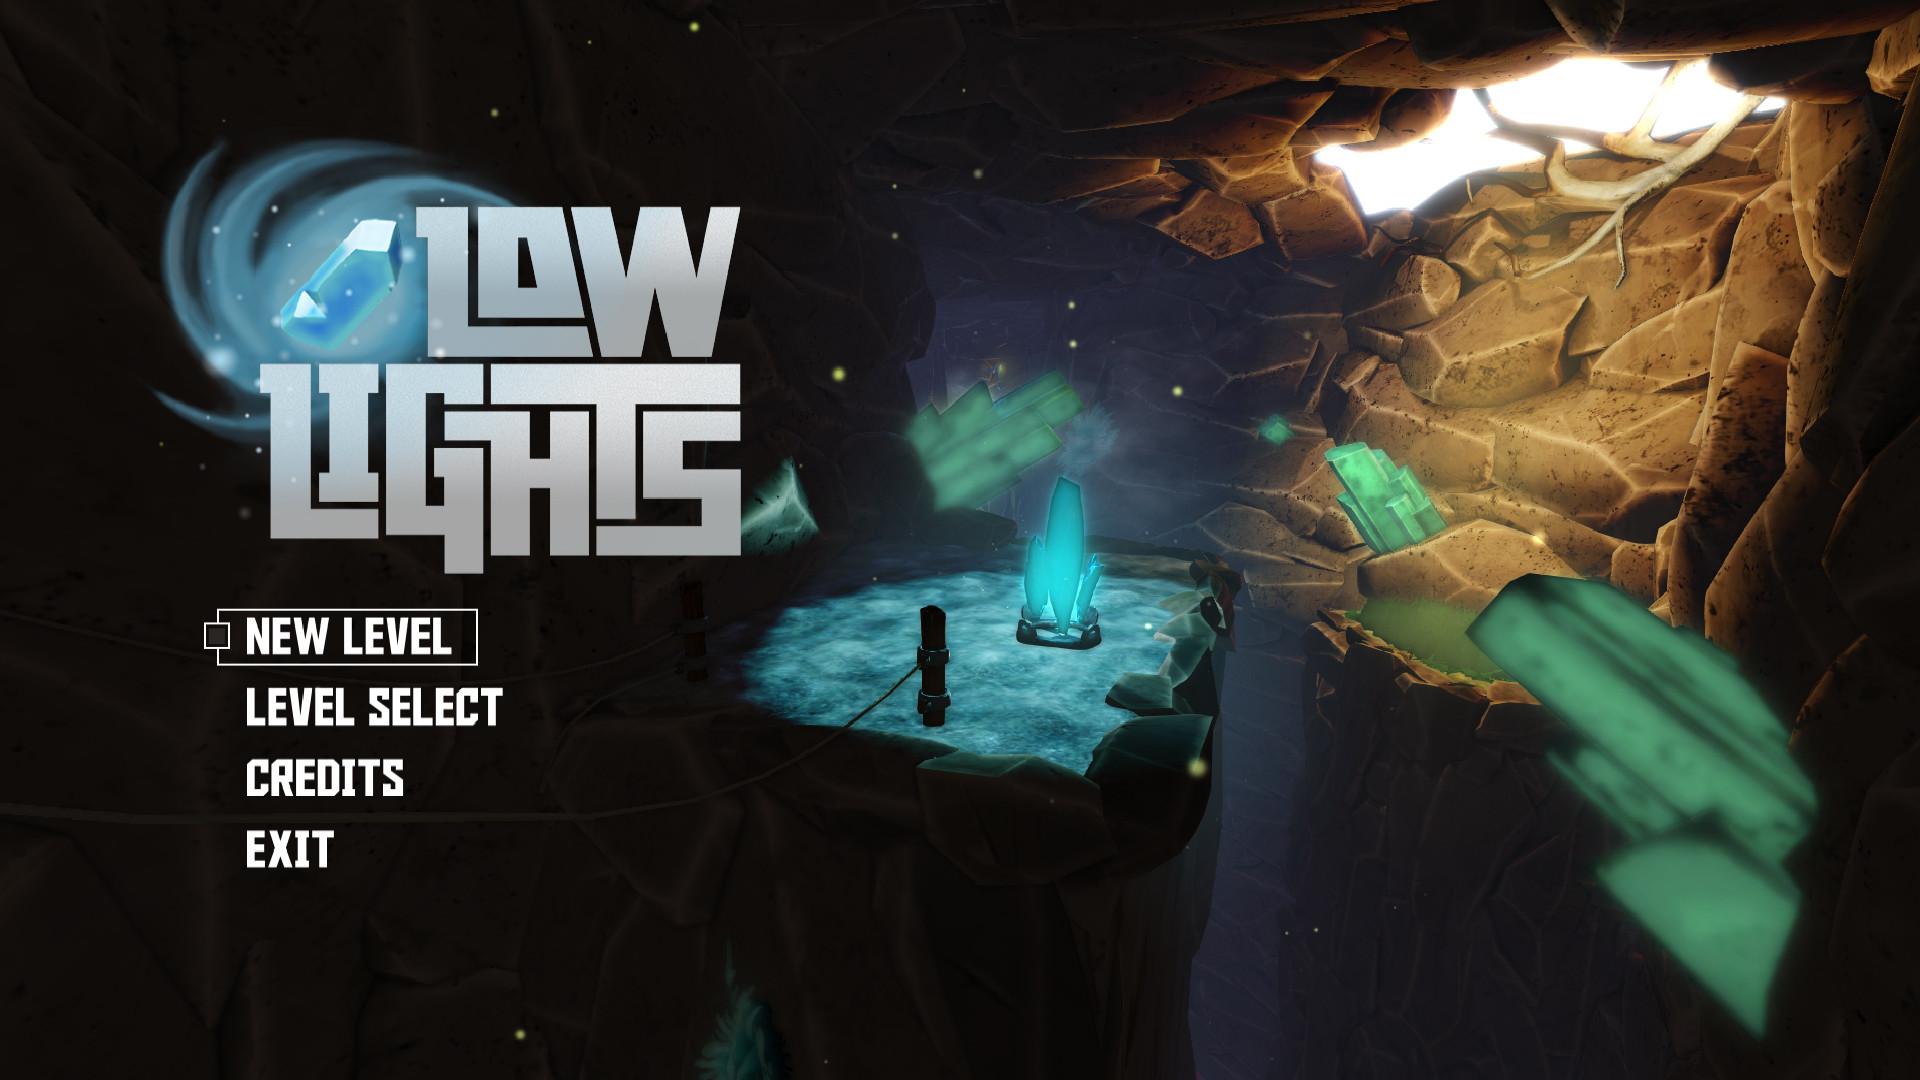 ArtStation GUI And Logo Design For Low Lights Francesc Vela - Game menu design